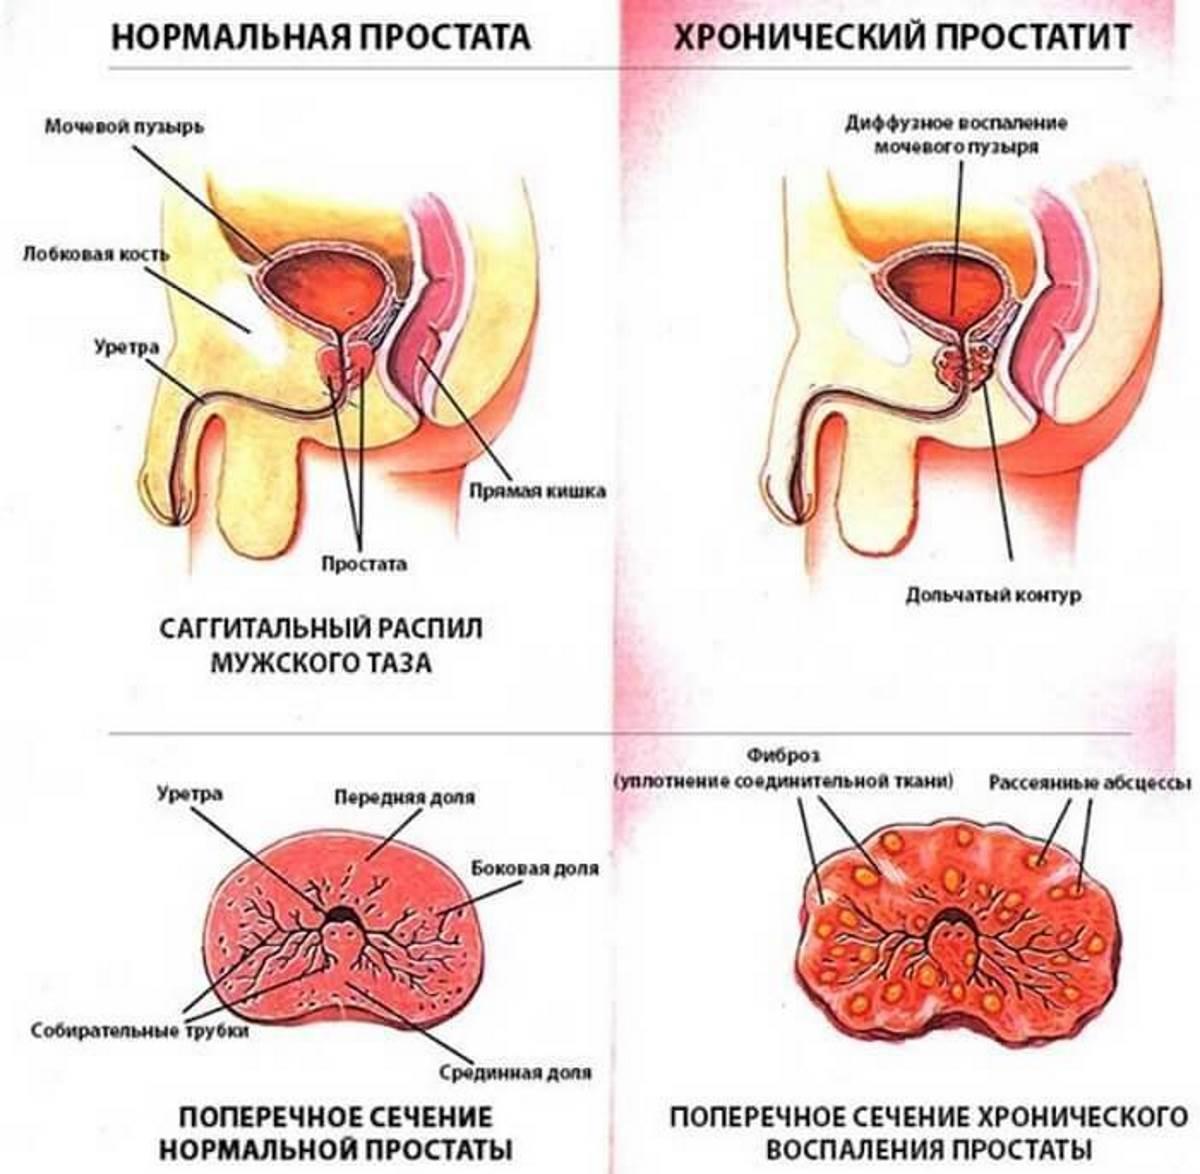 Бесплодие хронический простатит симптомы калькулезный простатит шиповник